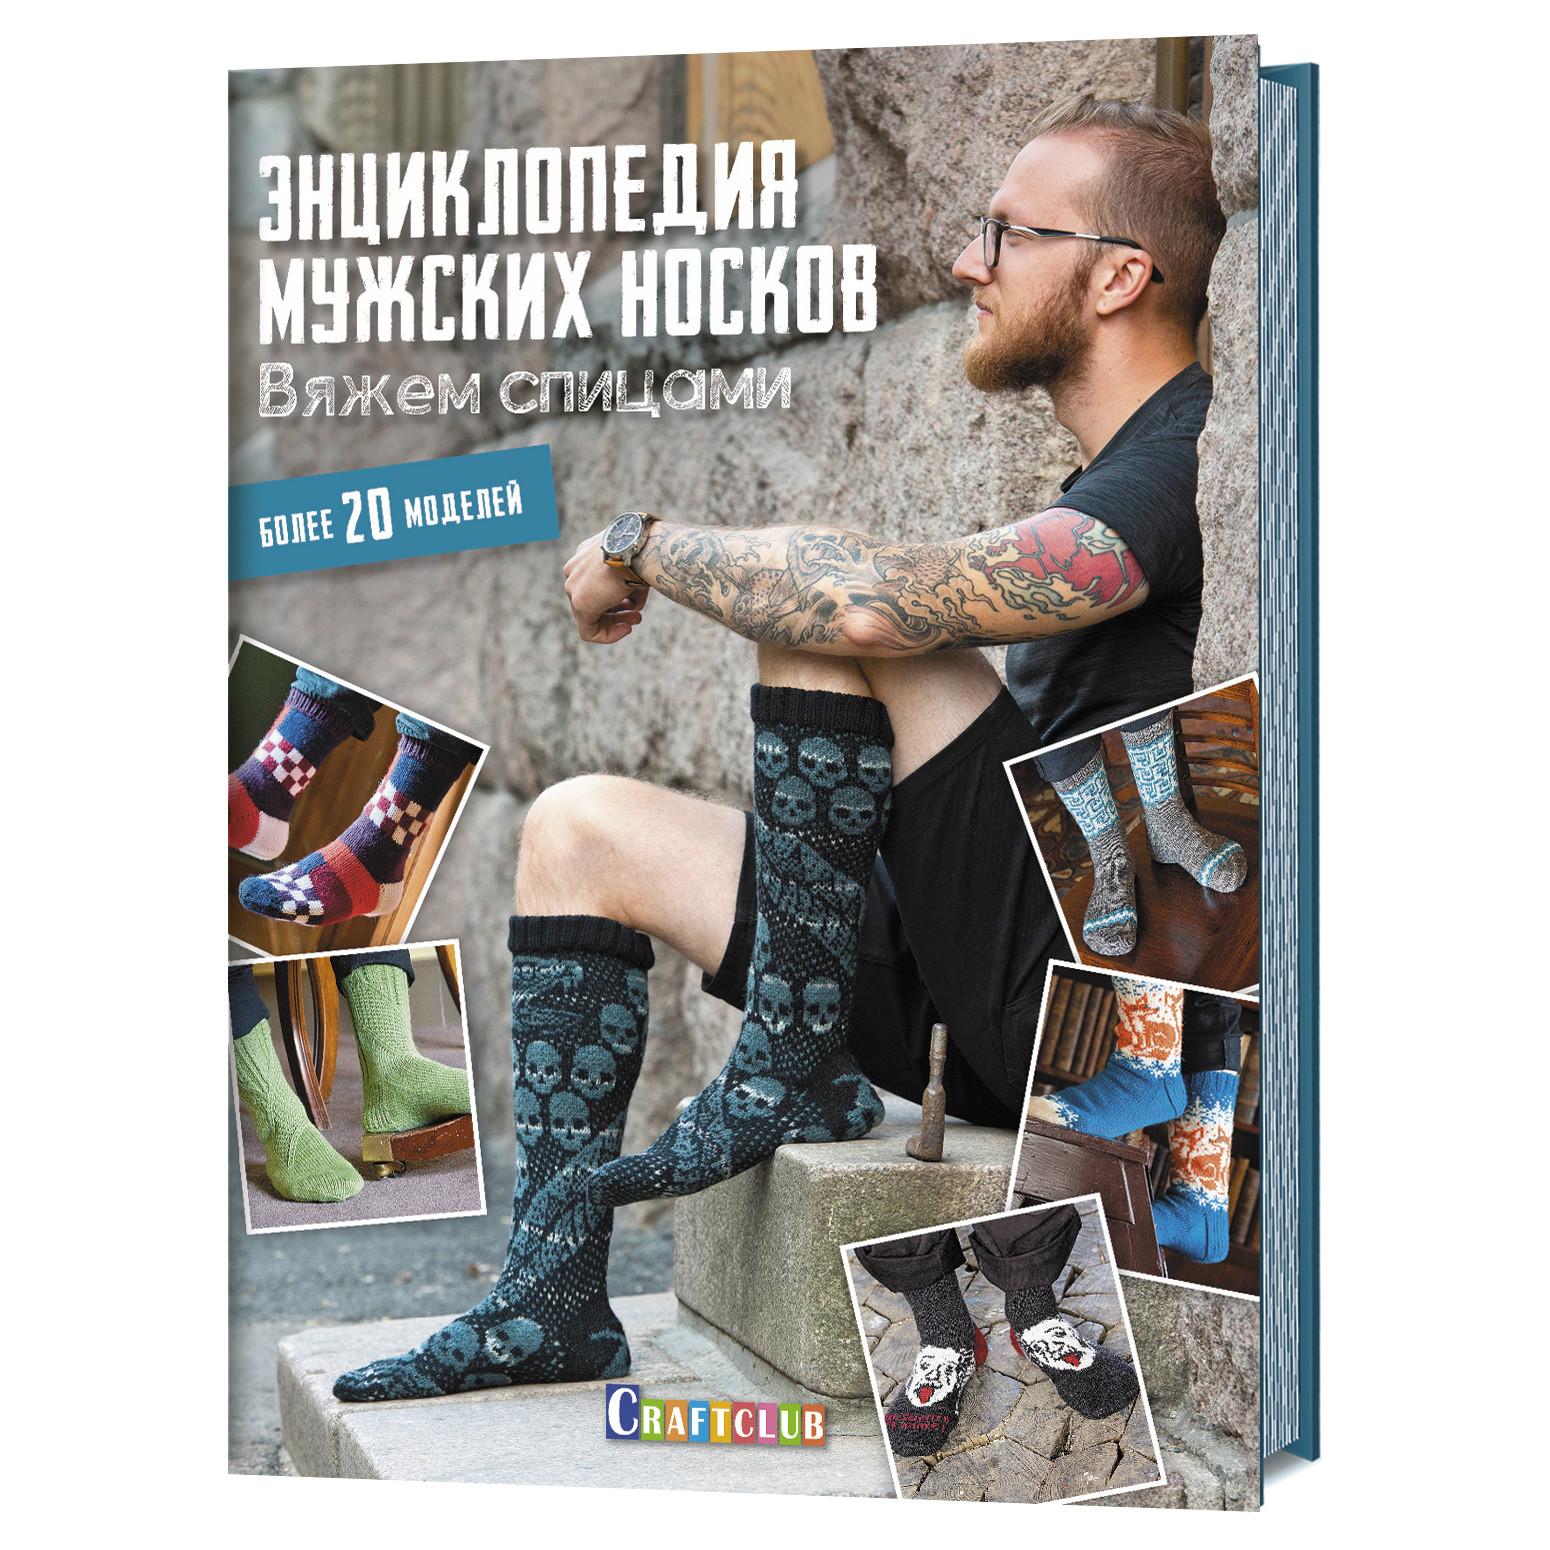 Энциклопедия мужских носков: Вяжем спицами: Более 20 моделей